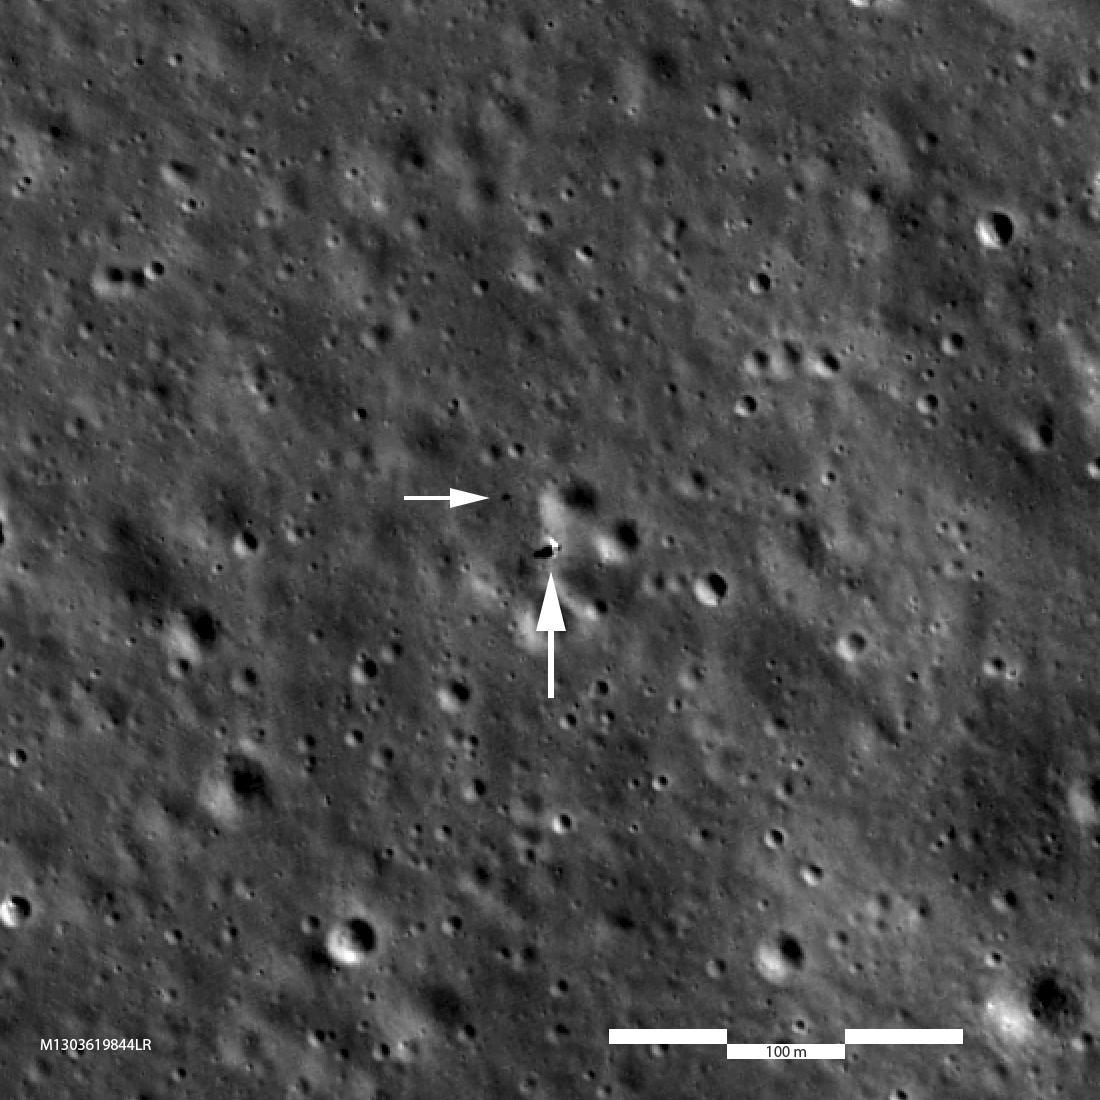 луноход фото на луне место посадки дела